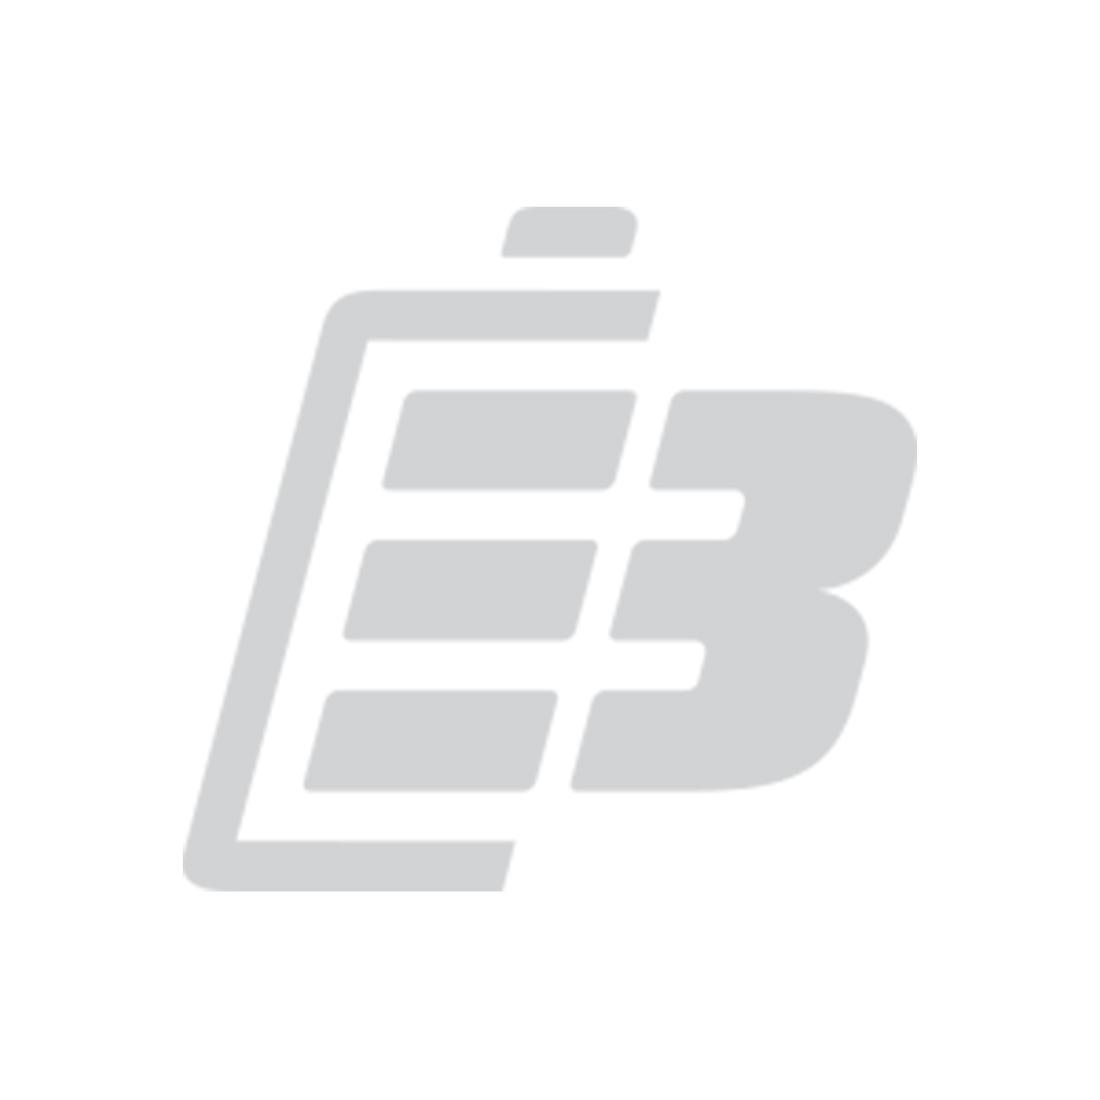 Μπαταρία ηλεκτρικού εργαλείου Makita 18V 4.0Ah_1